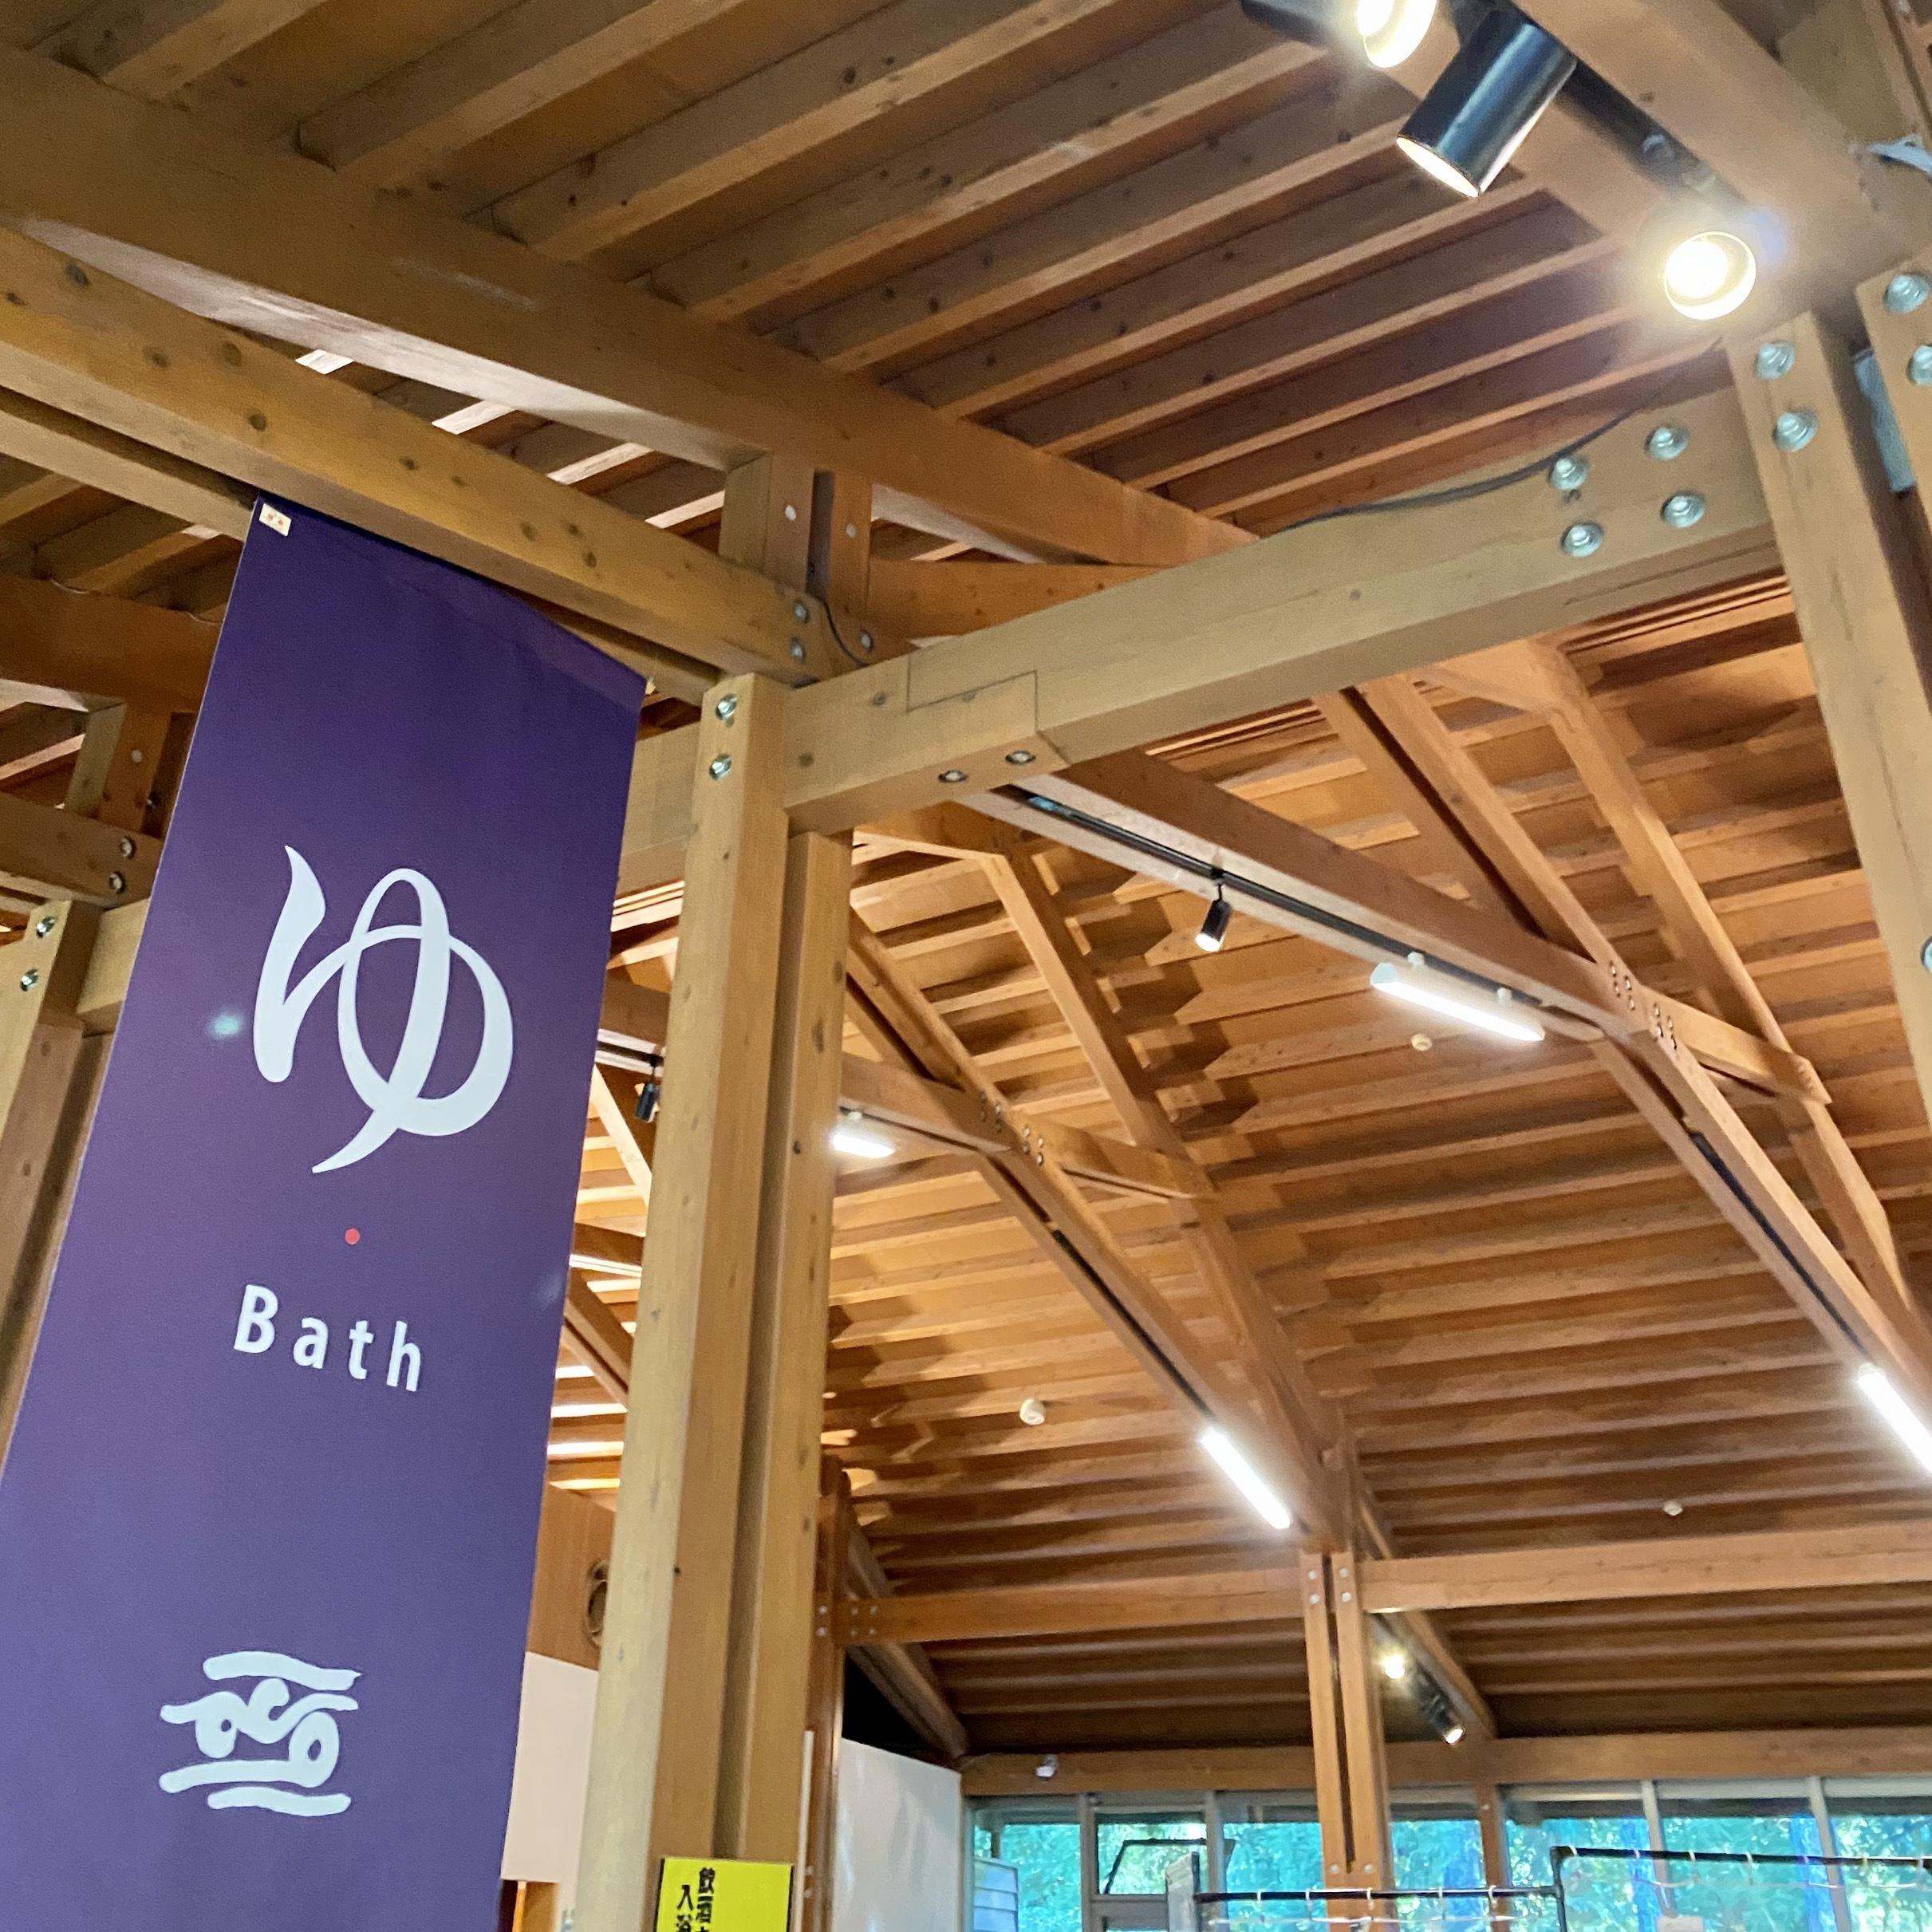 温泉施設 とにかくこの素晴らしい木造建築